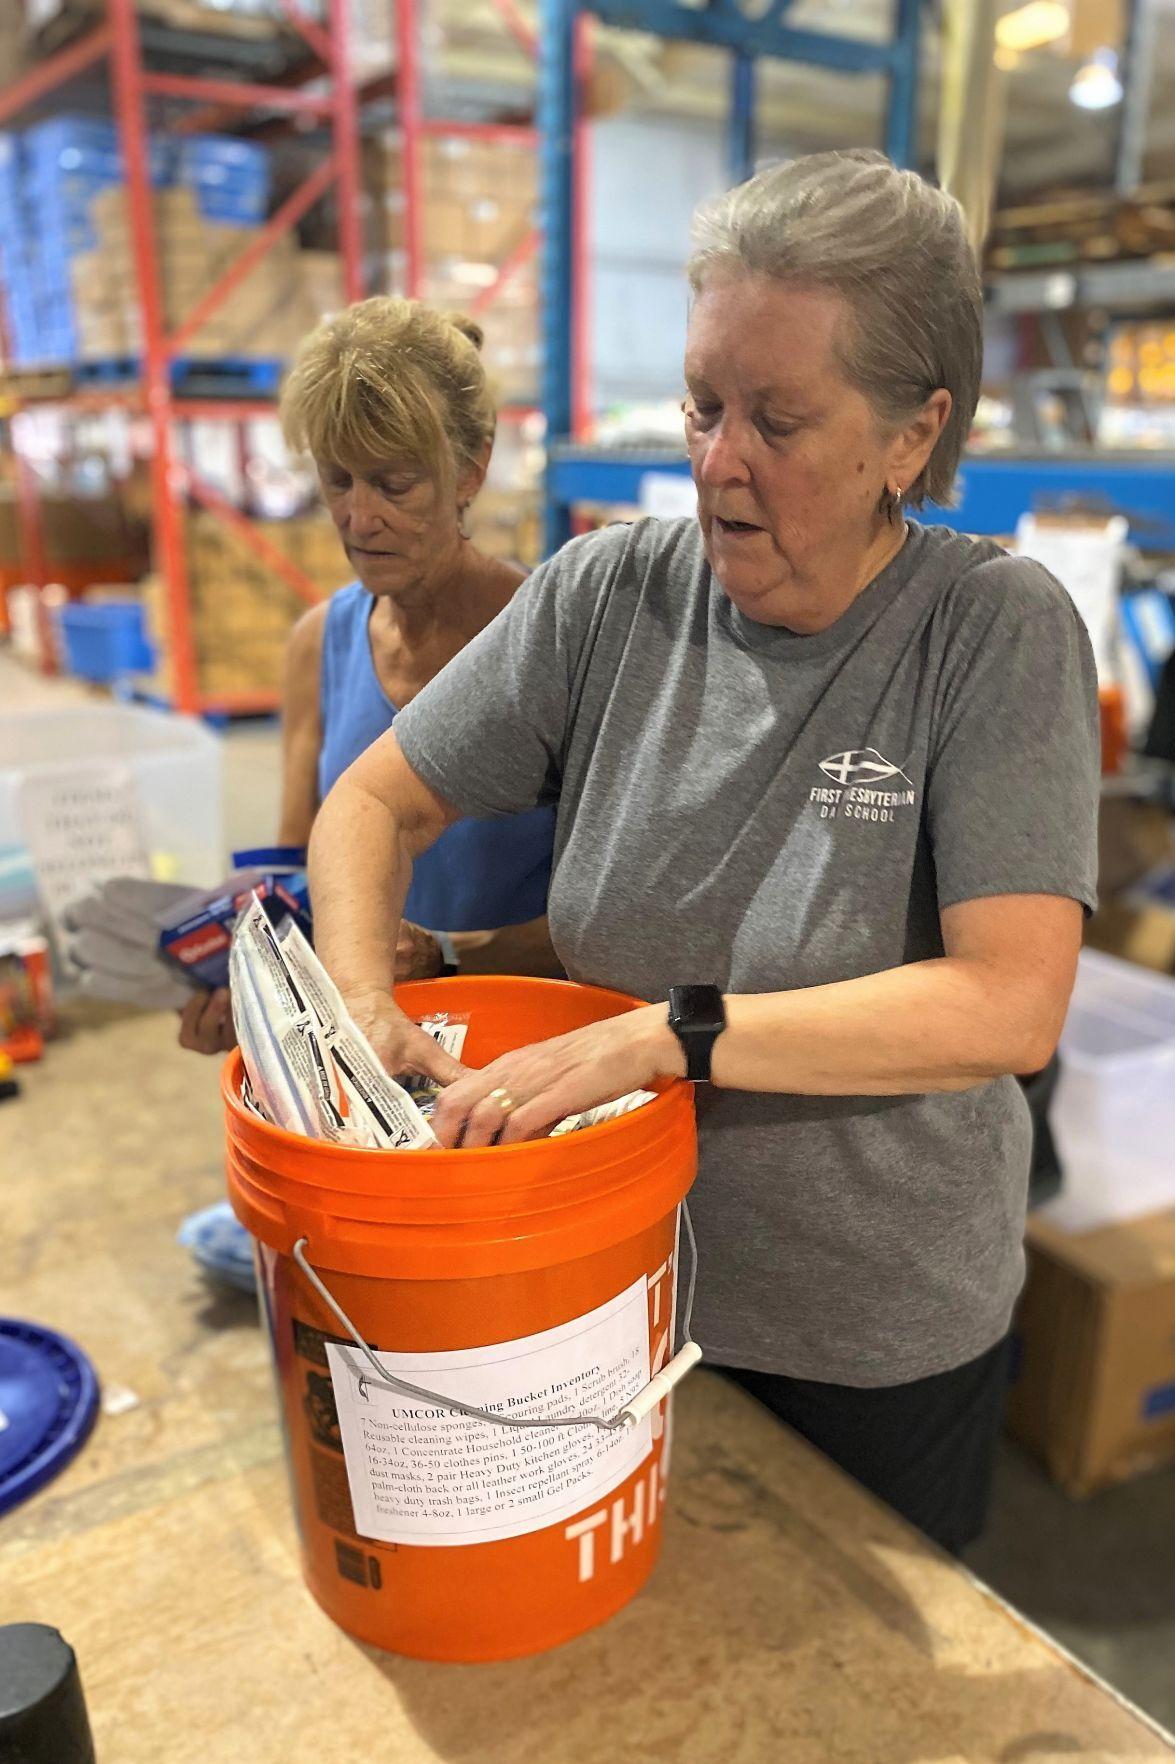 Two women volunteers